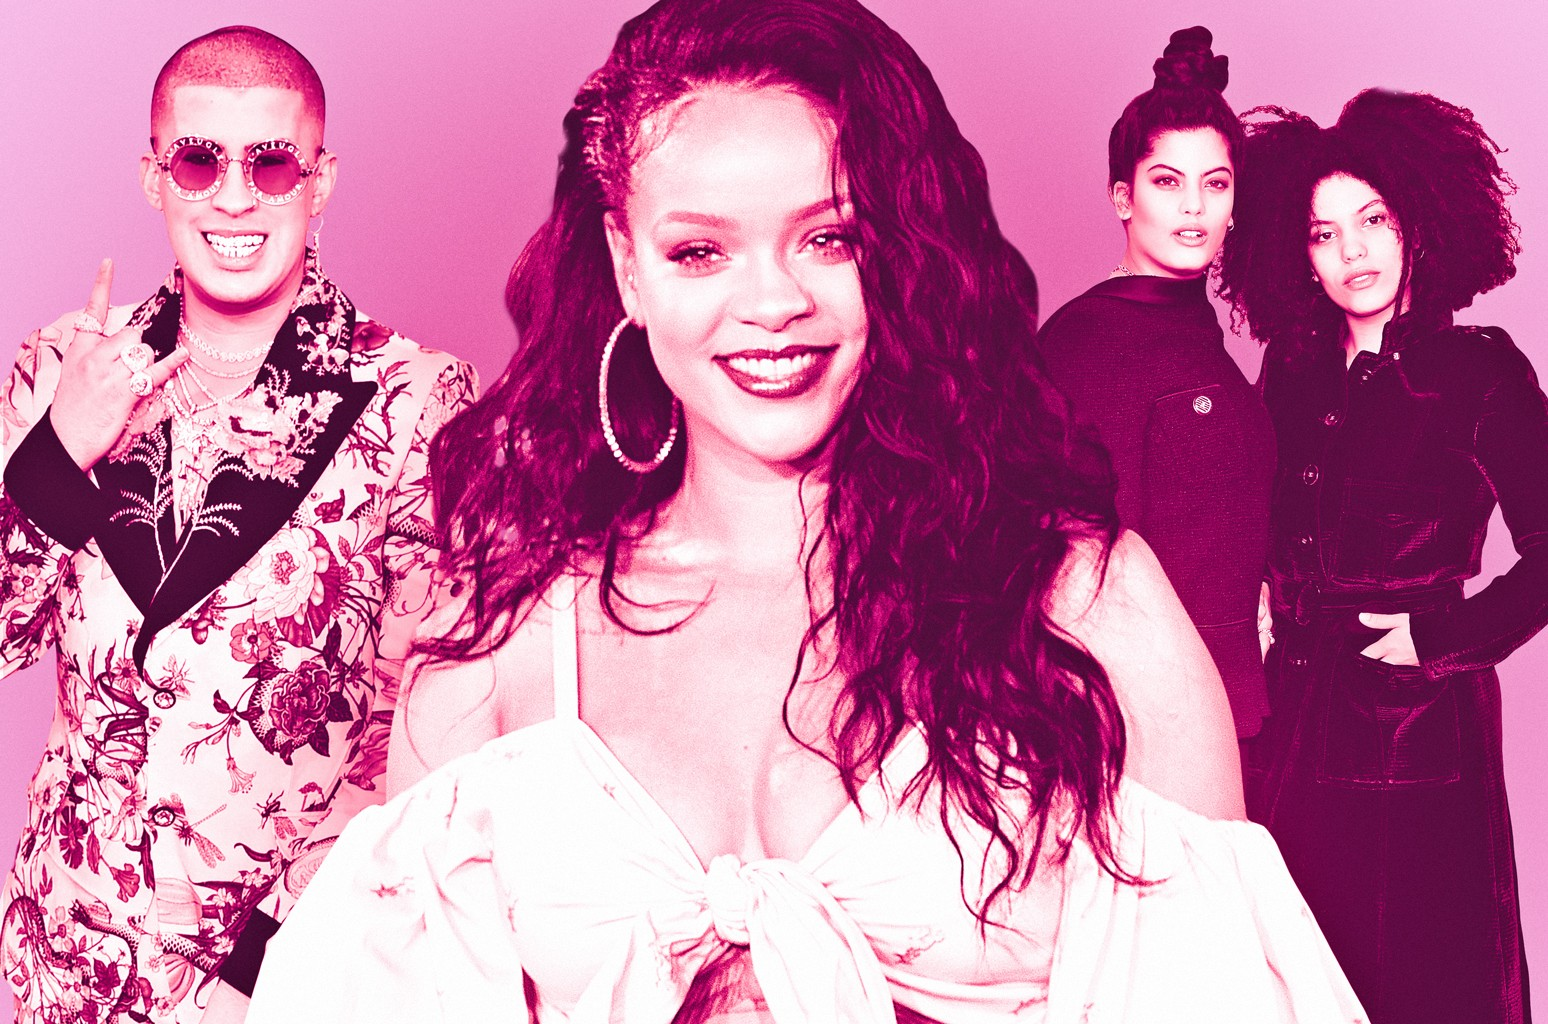 From left: Bad Bunny, Rihanna & Ibeyi